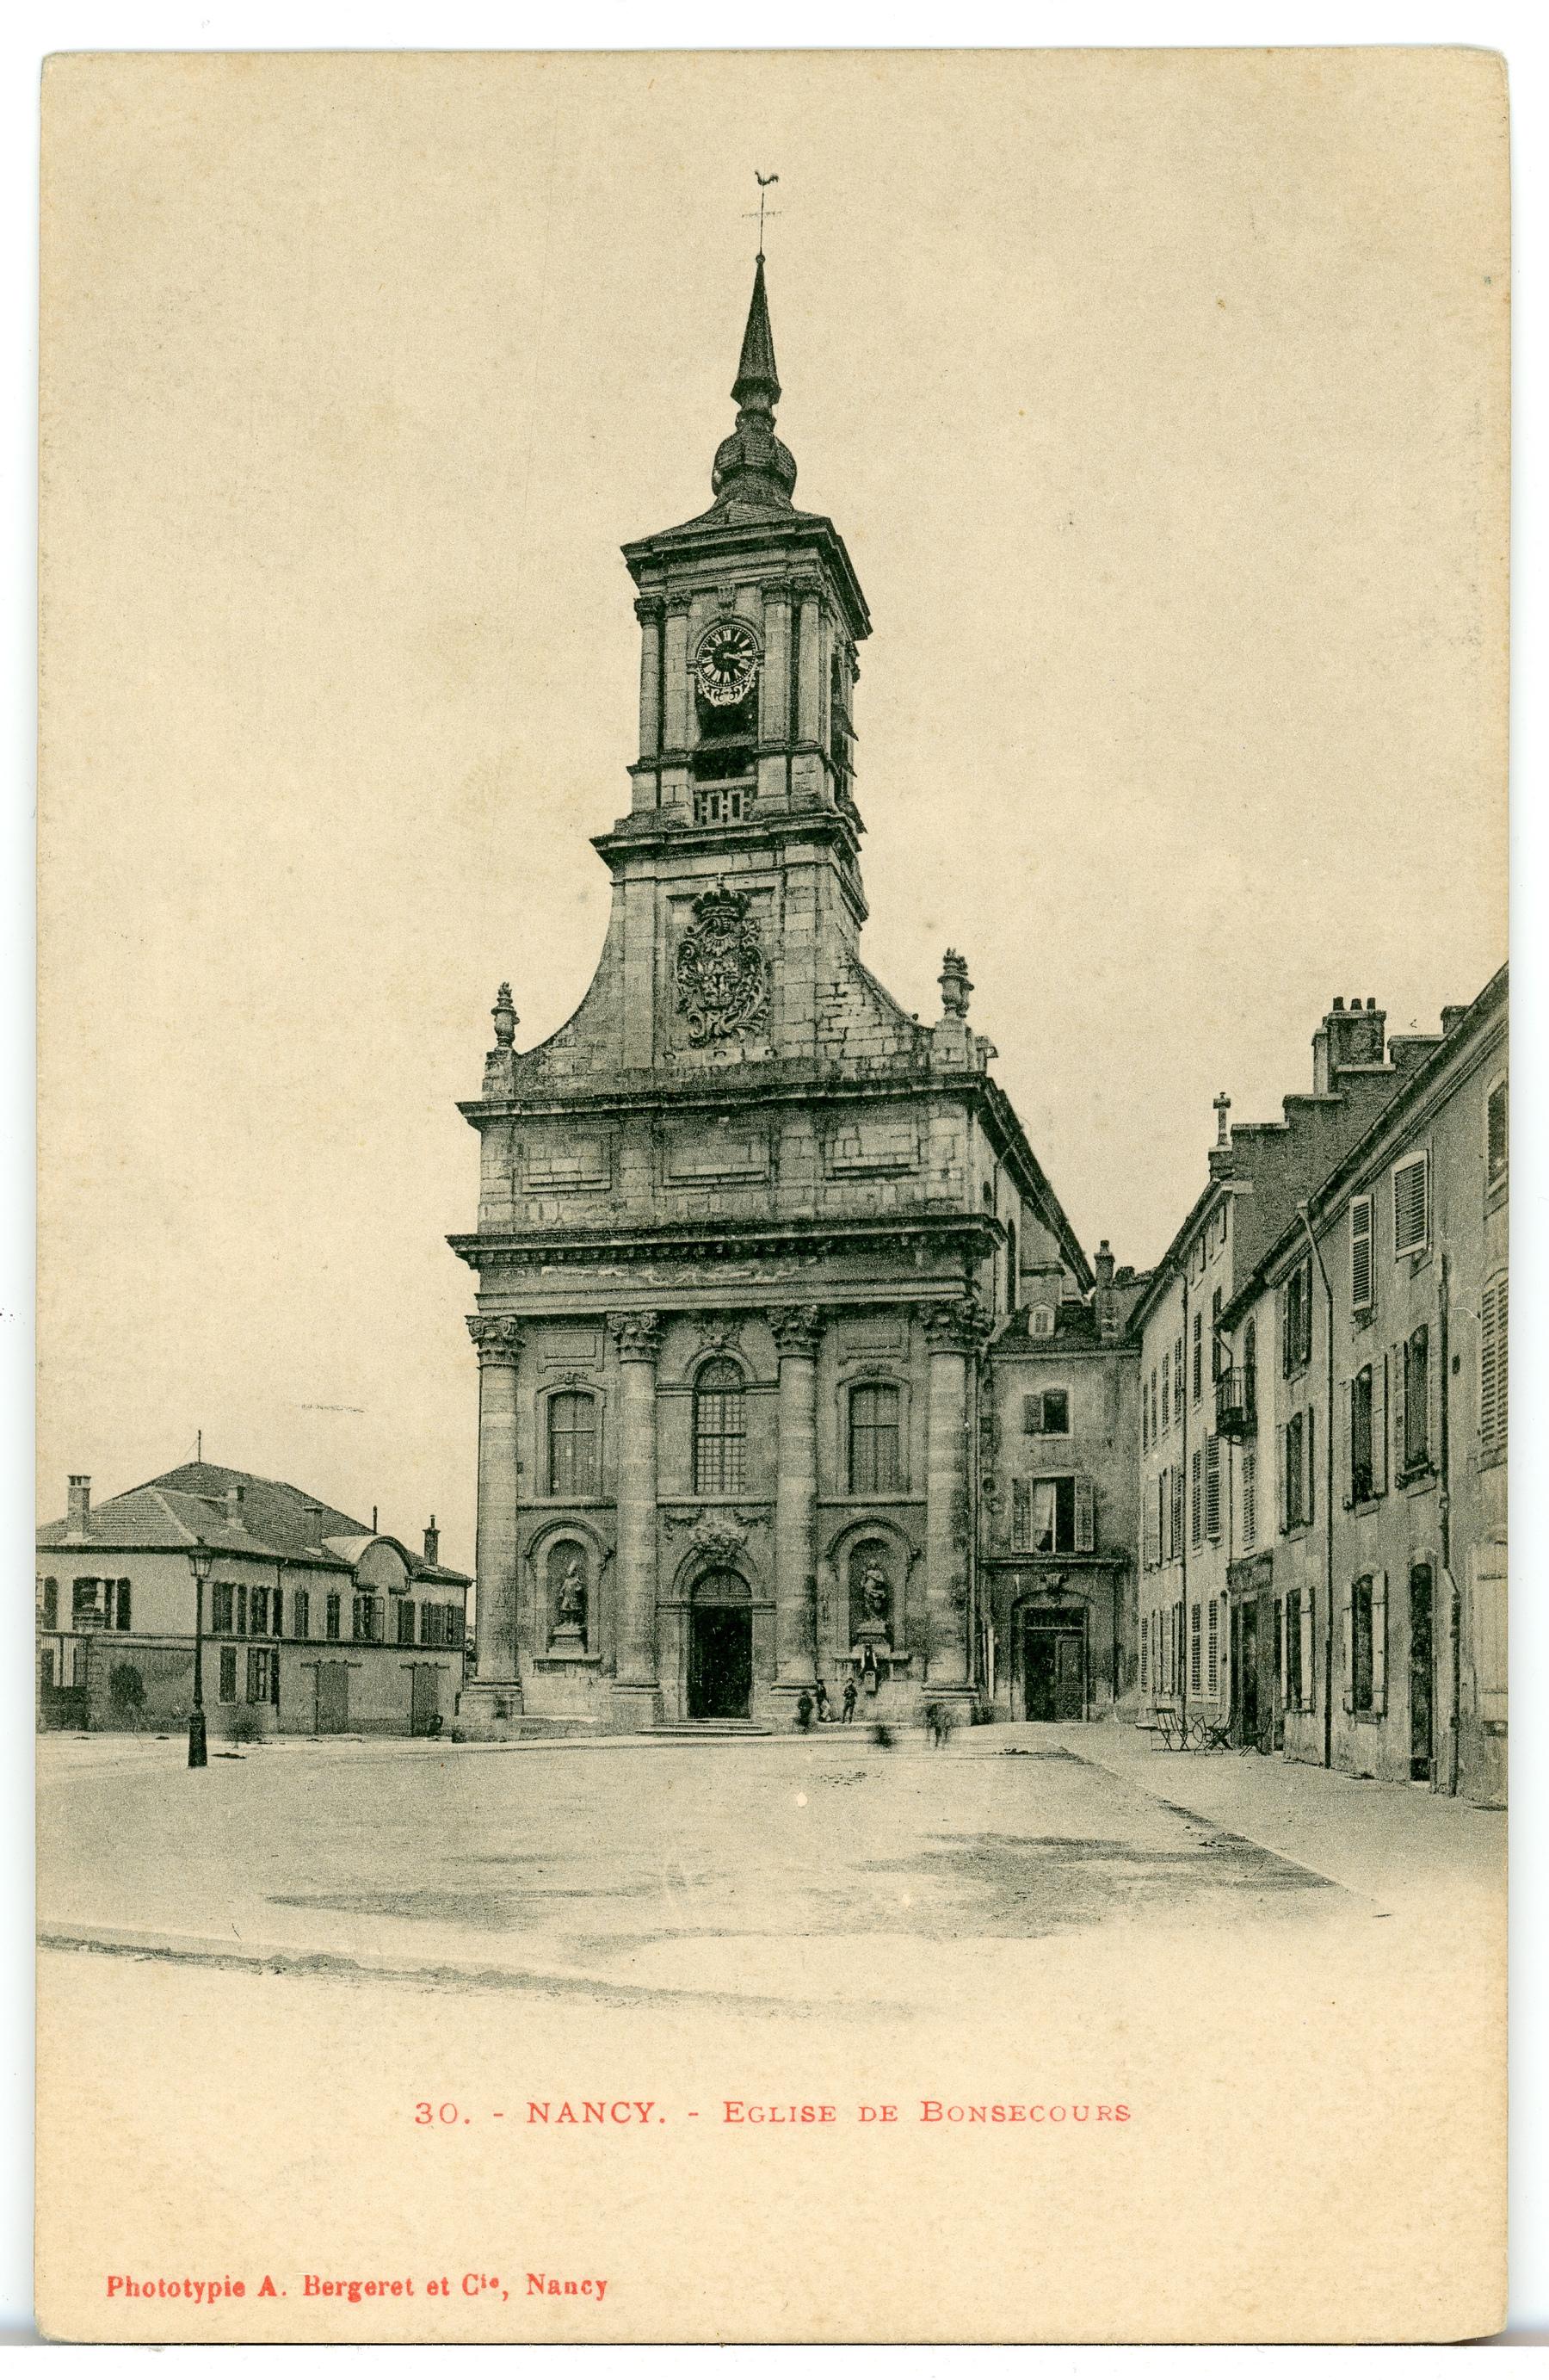 Contenu du Nancy (Meurthe-et-Moselle) - Église de Bonsecours